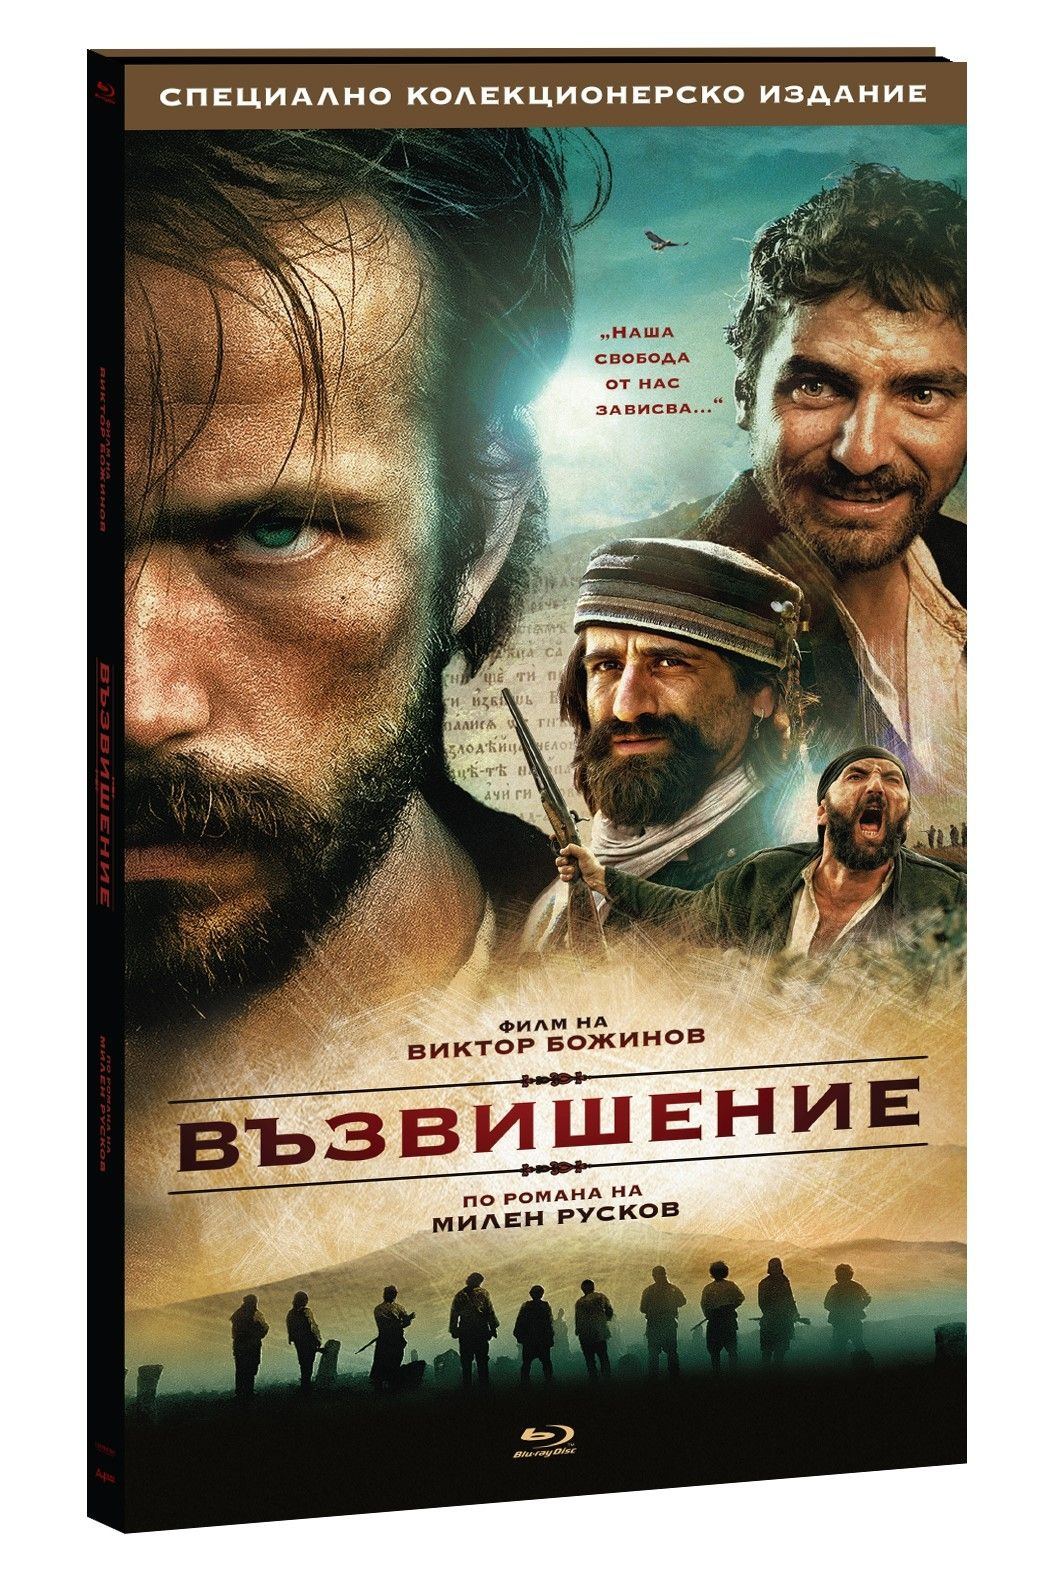 Възвишение (Blu-ray) - 3